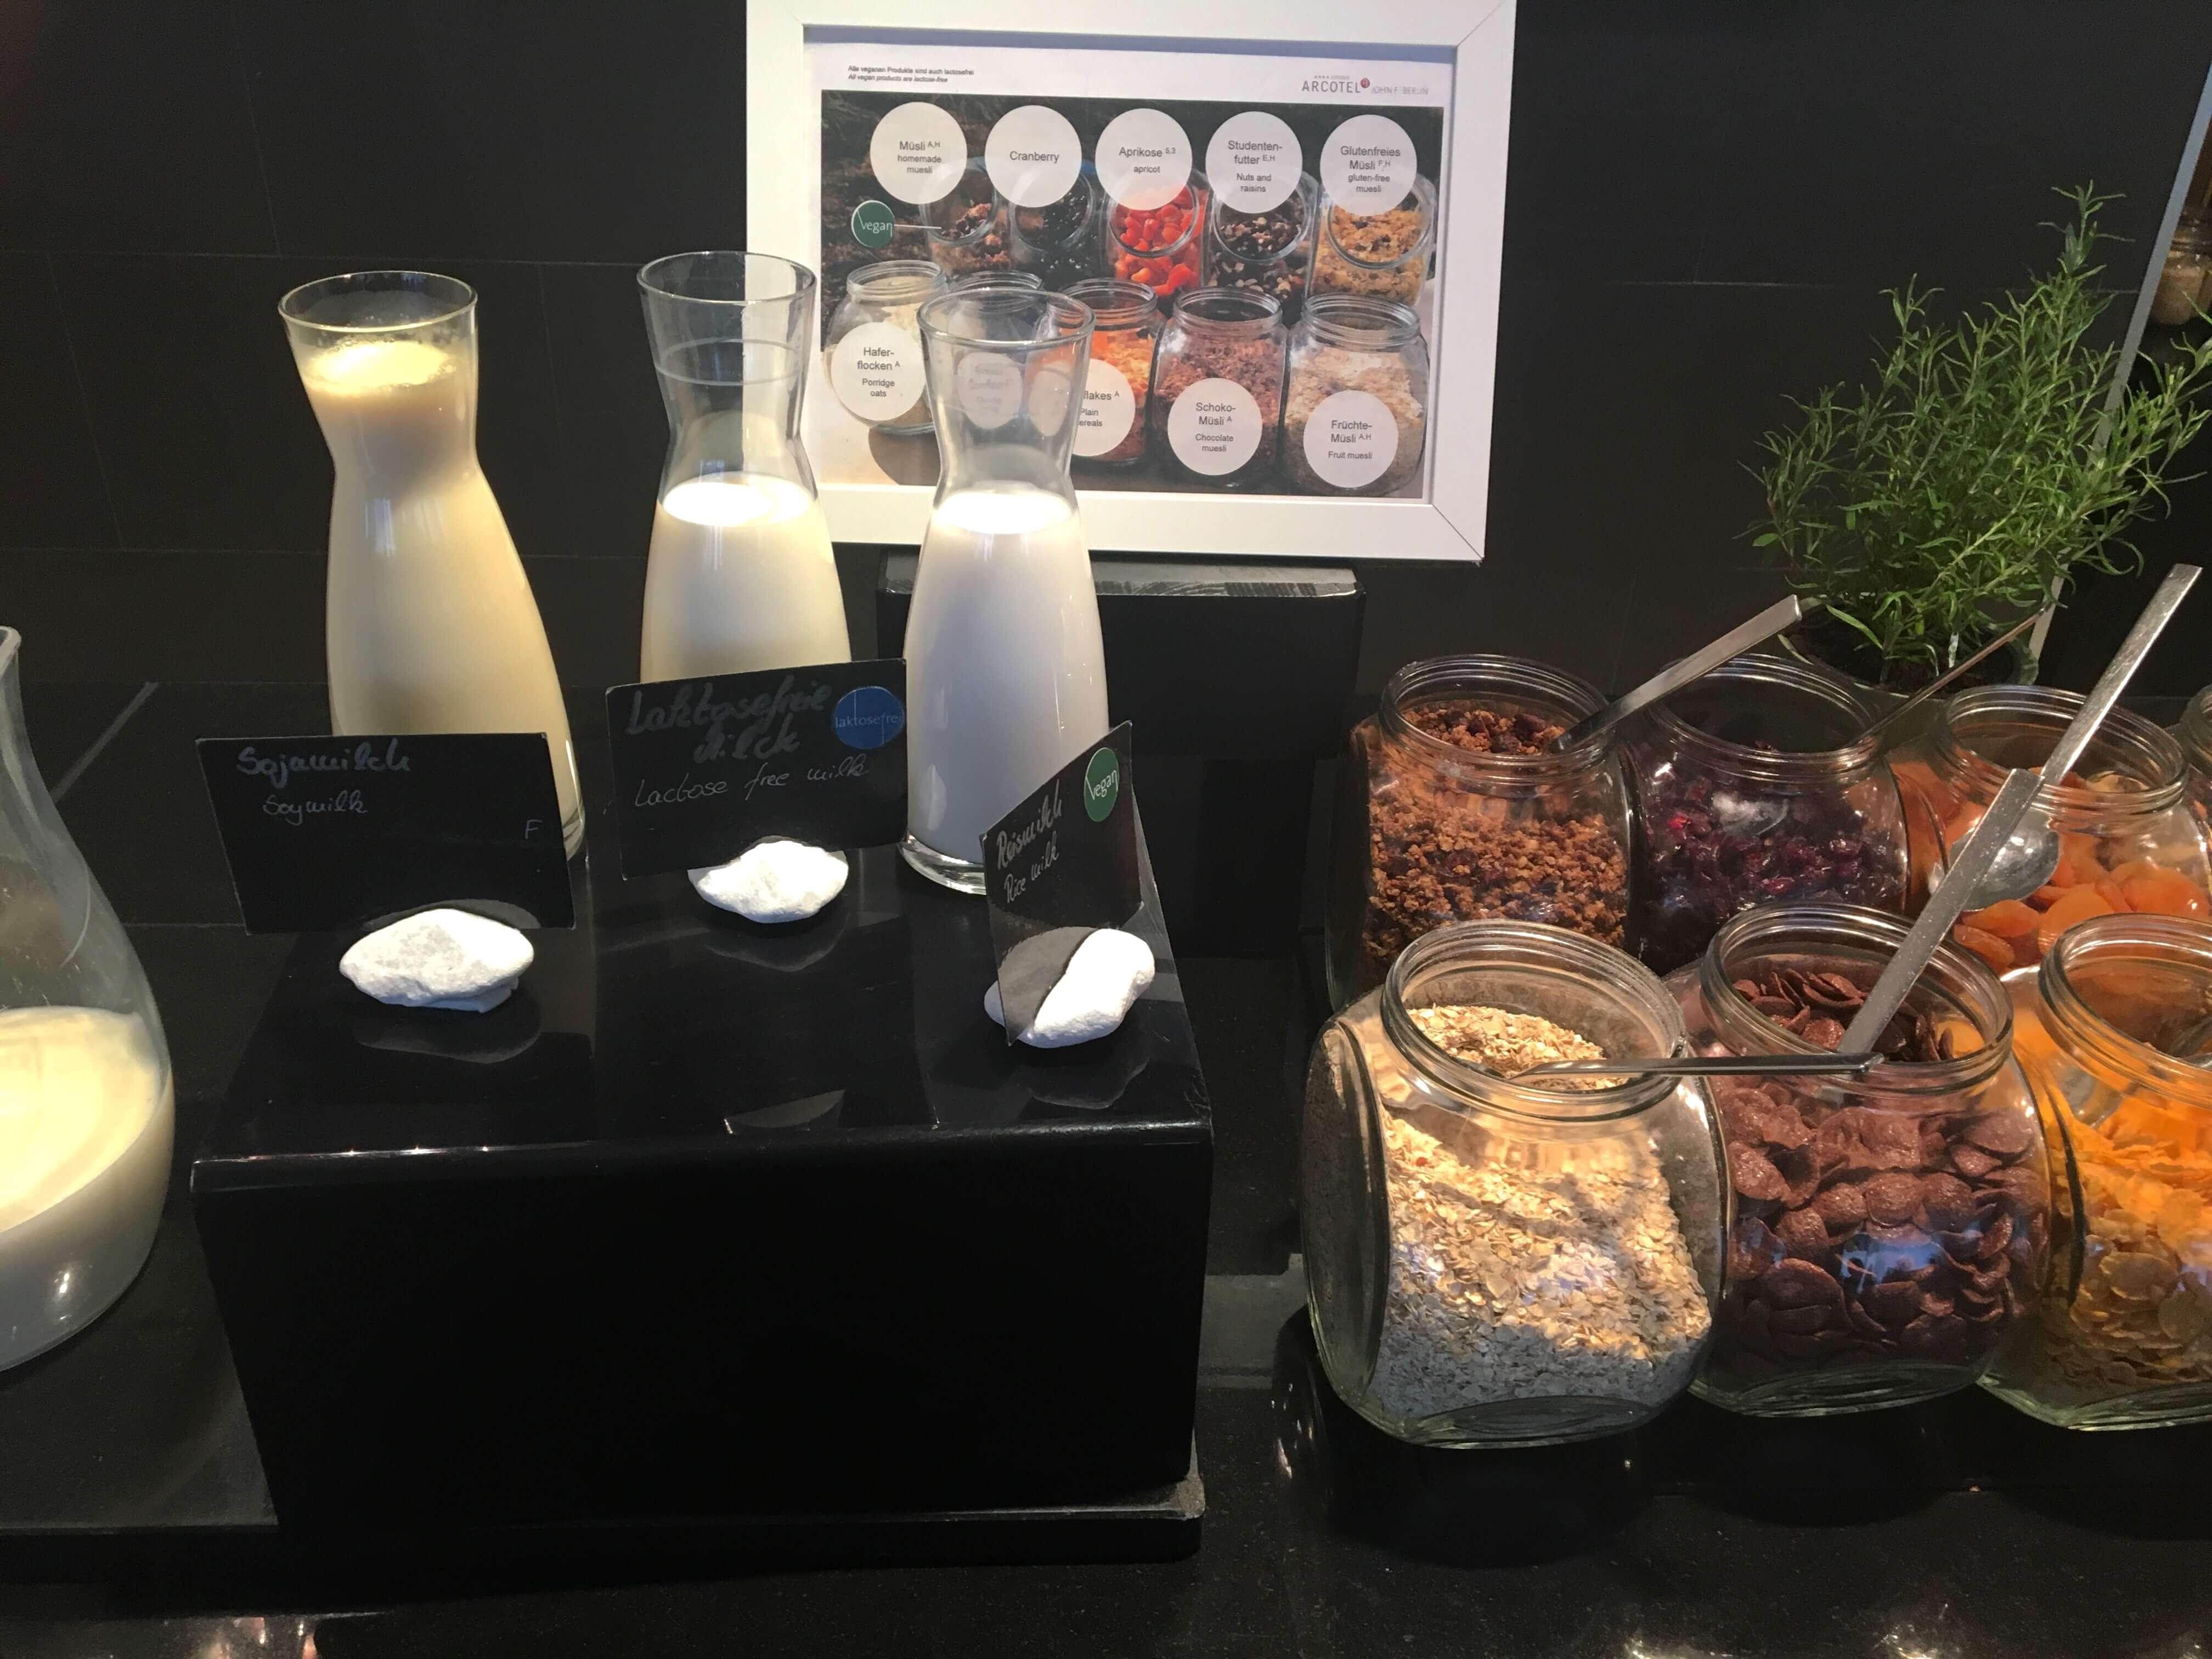 breakfast-fruehstueck-vegan-arcotel-berlin-blogger-fitness